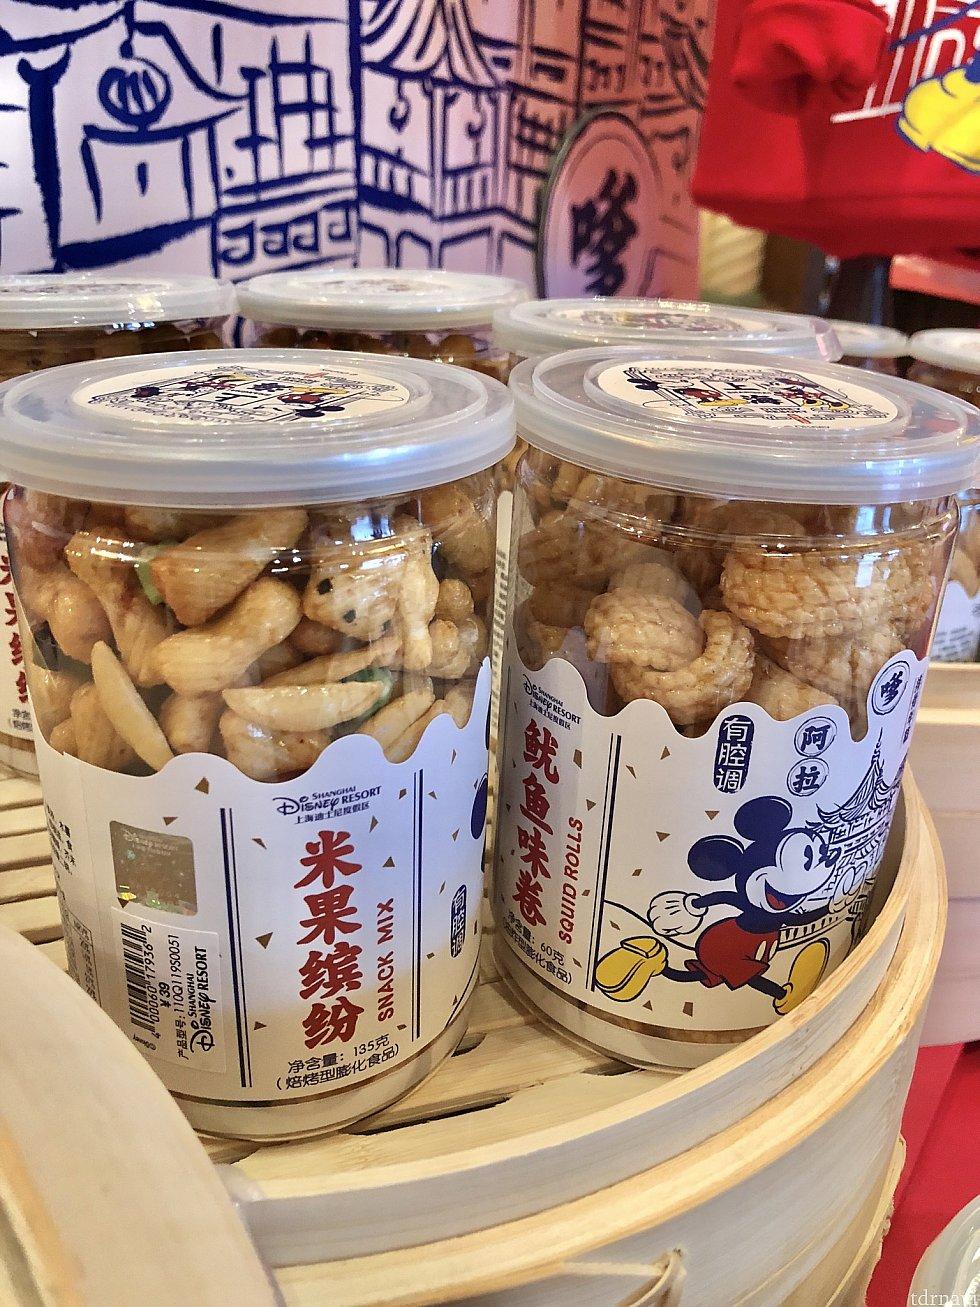 左はミニおかきとナッツのミックス、右はイカ味のミニおかきかな?普通に美味しそう